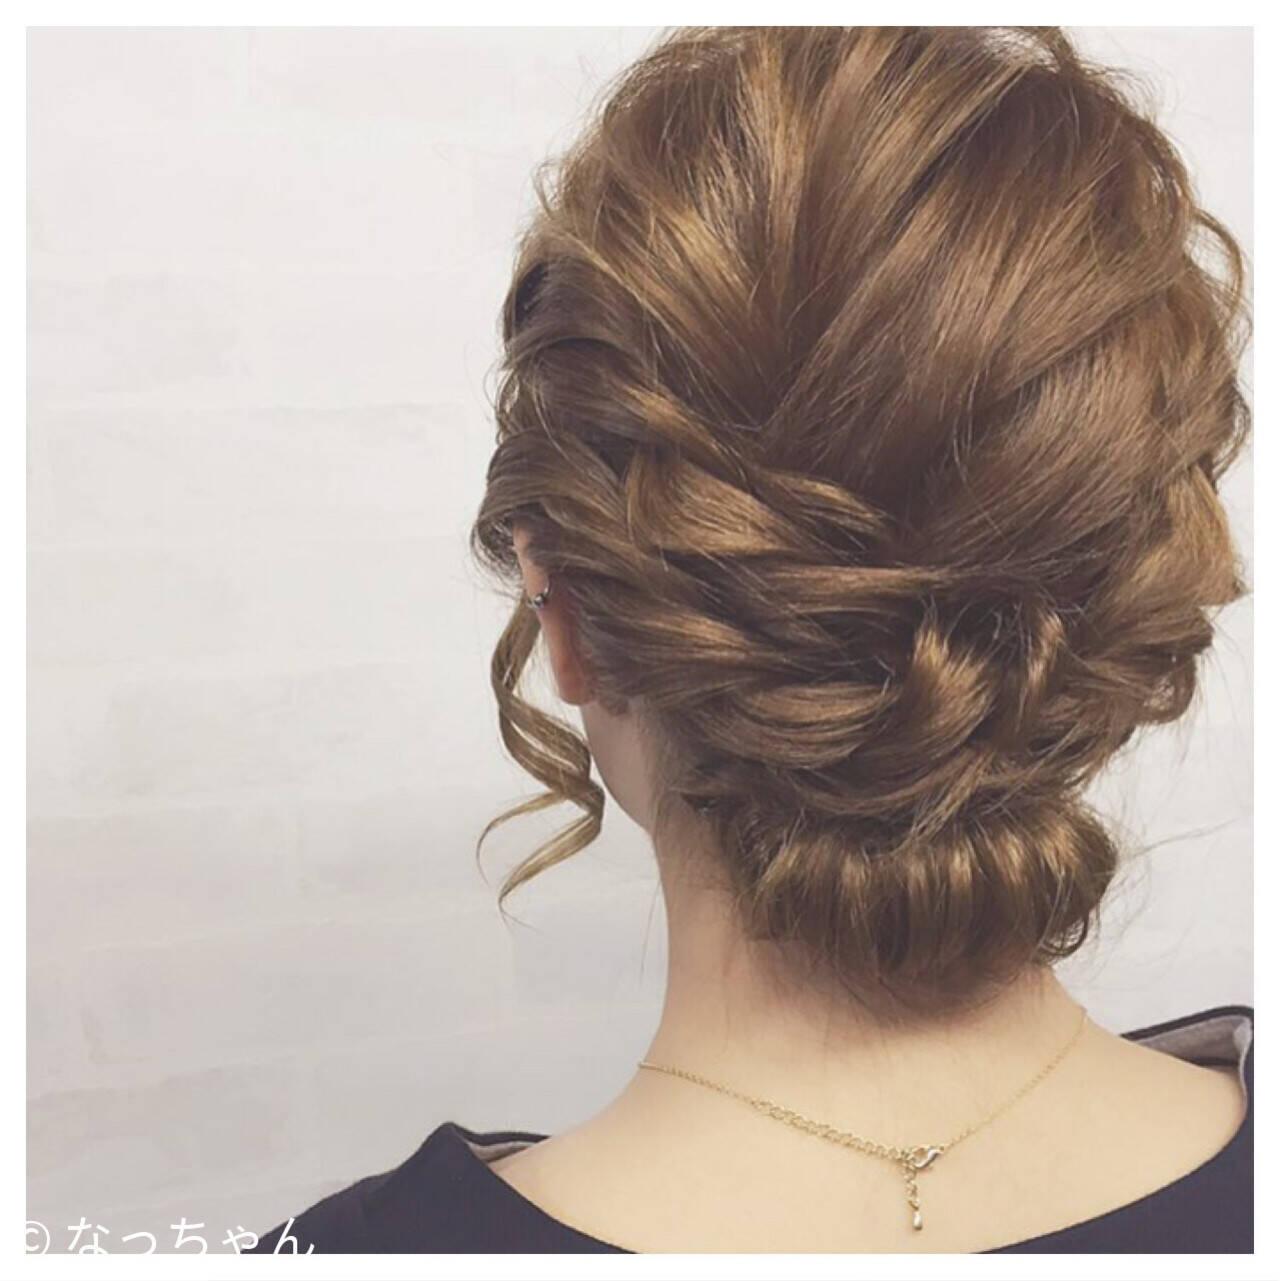 ボブ 結婚式 アップスタイル パーティヘアスタイルや髪型の写真・画像